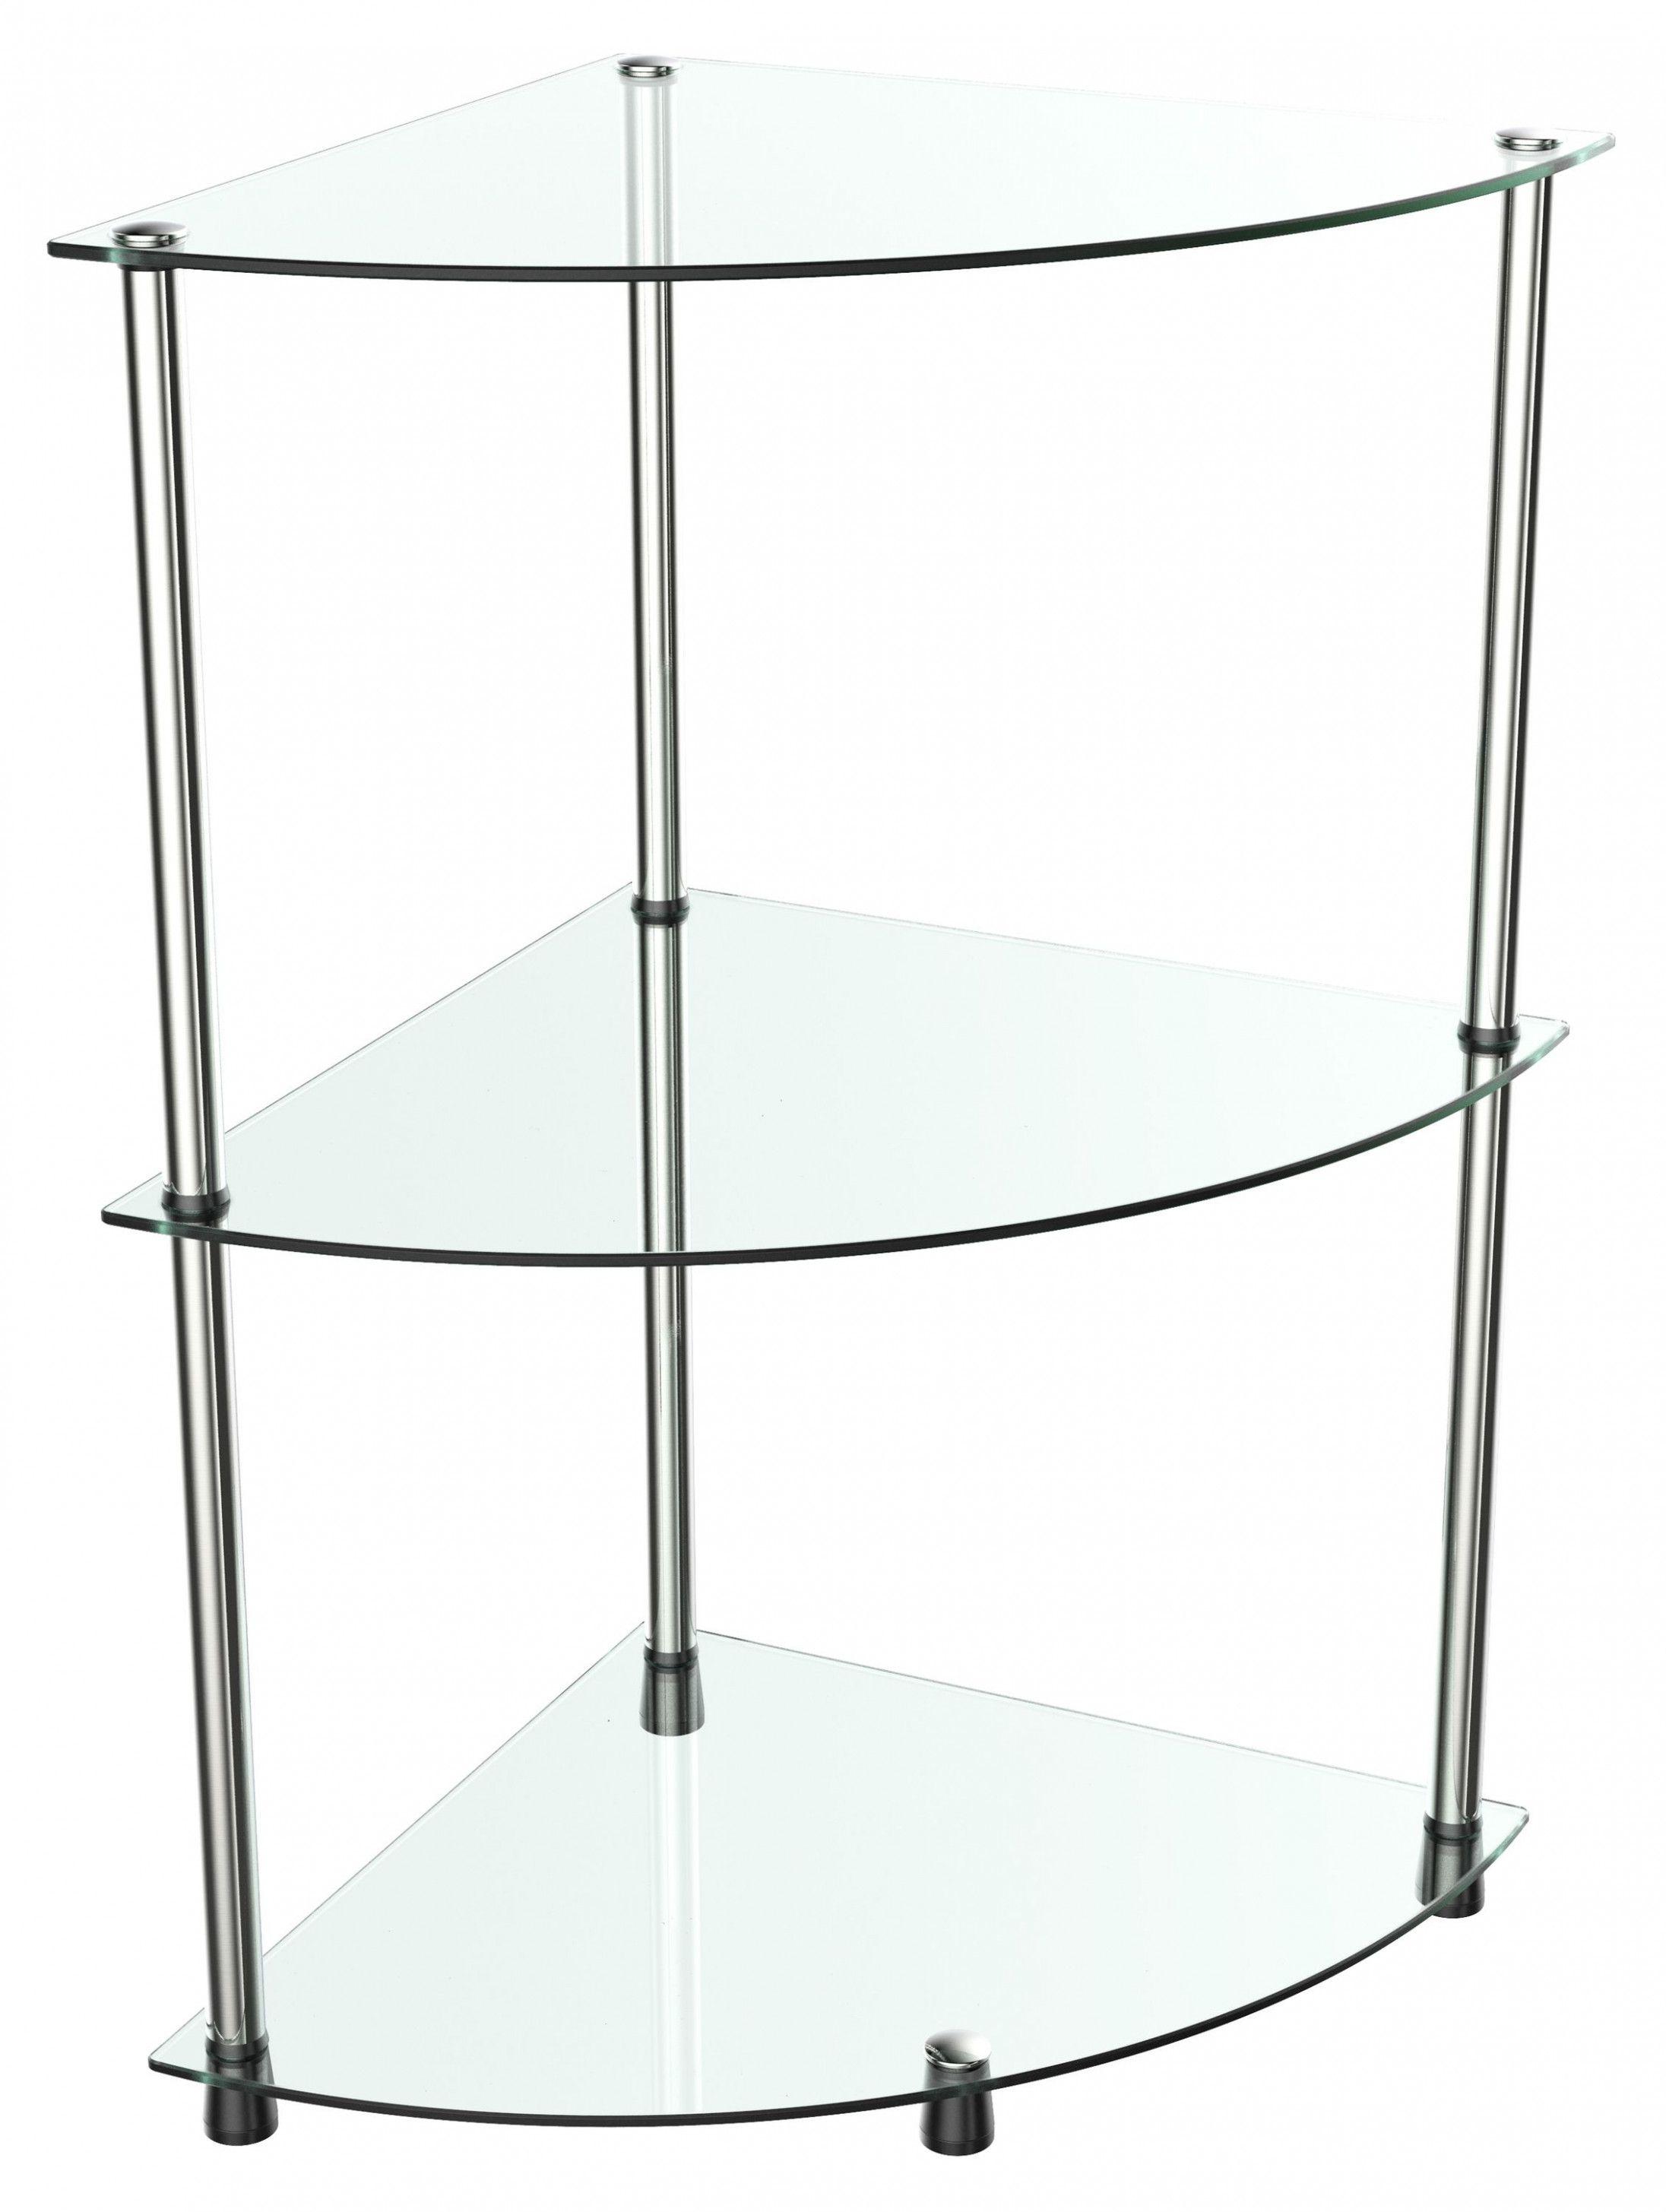 Eckregal Wm10 Mit Glas Ablagen Glasregal Flaches Badezimmer